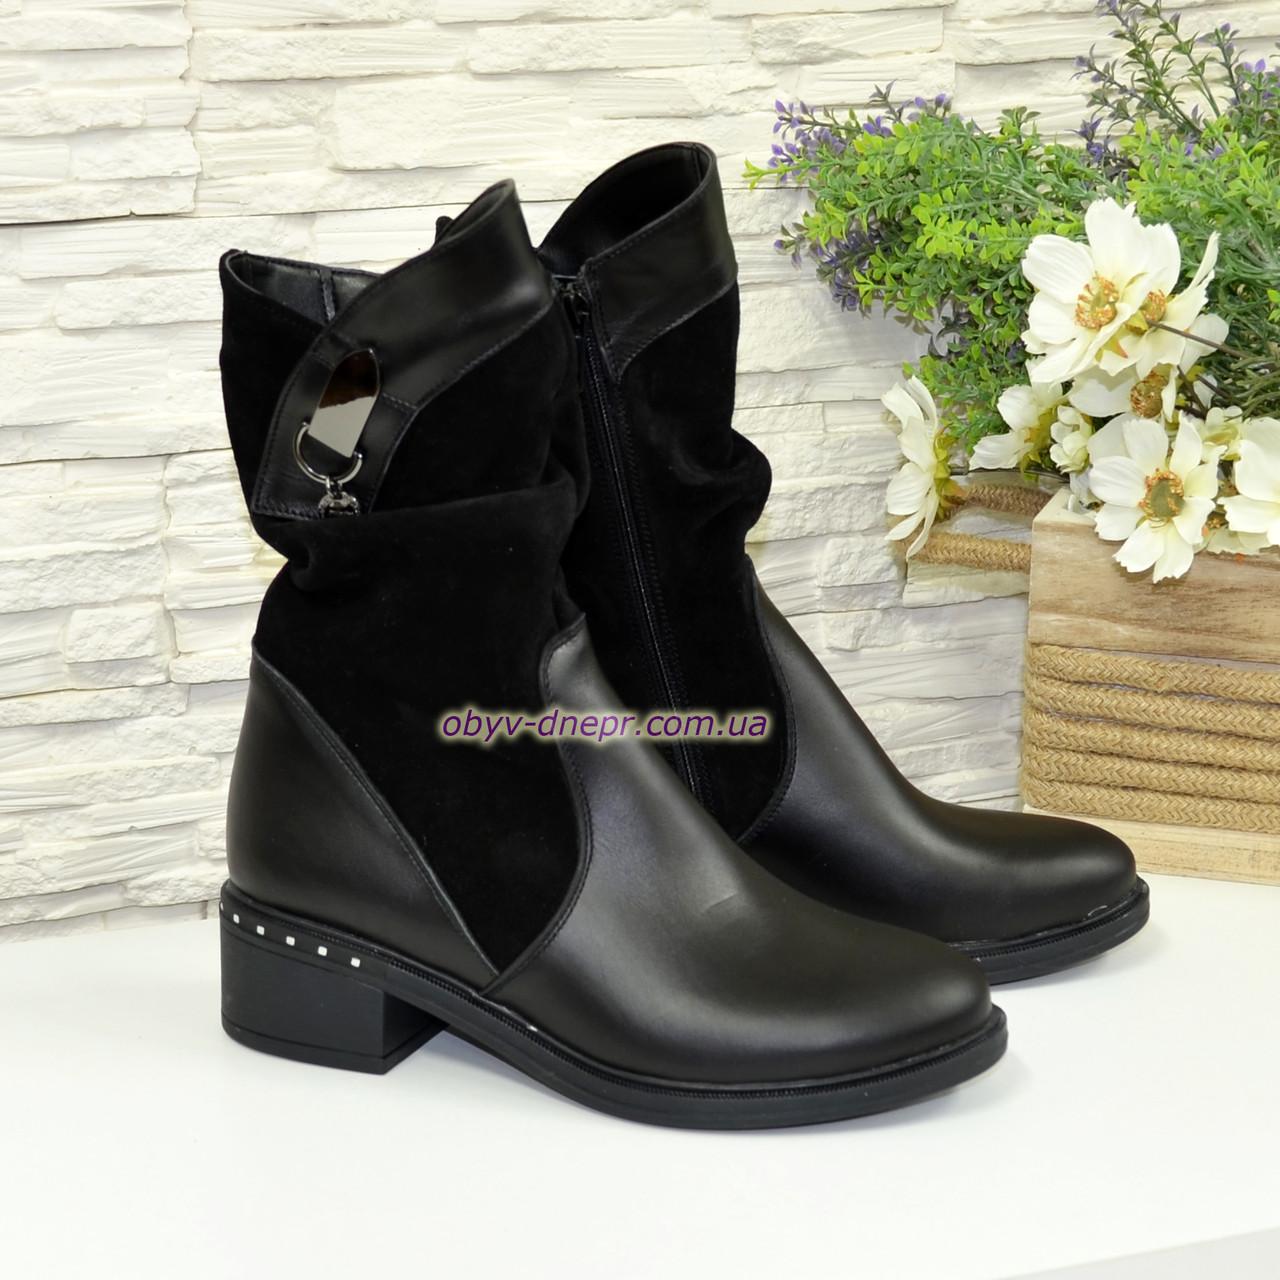 Женские зимние ботинки на невысоком каблуке классического пошива